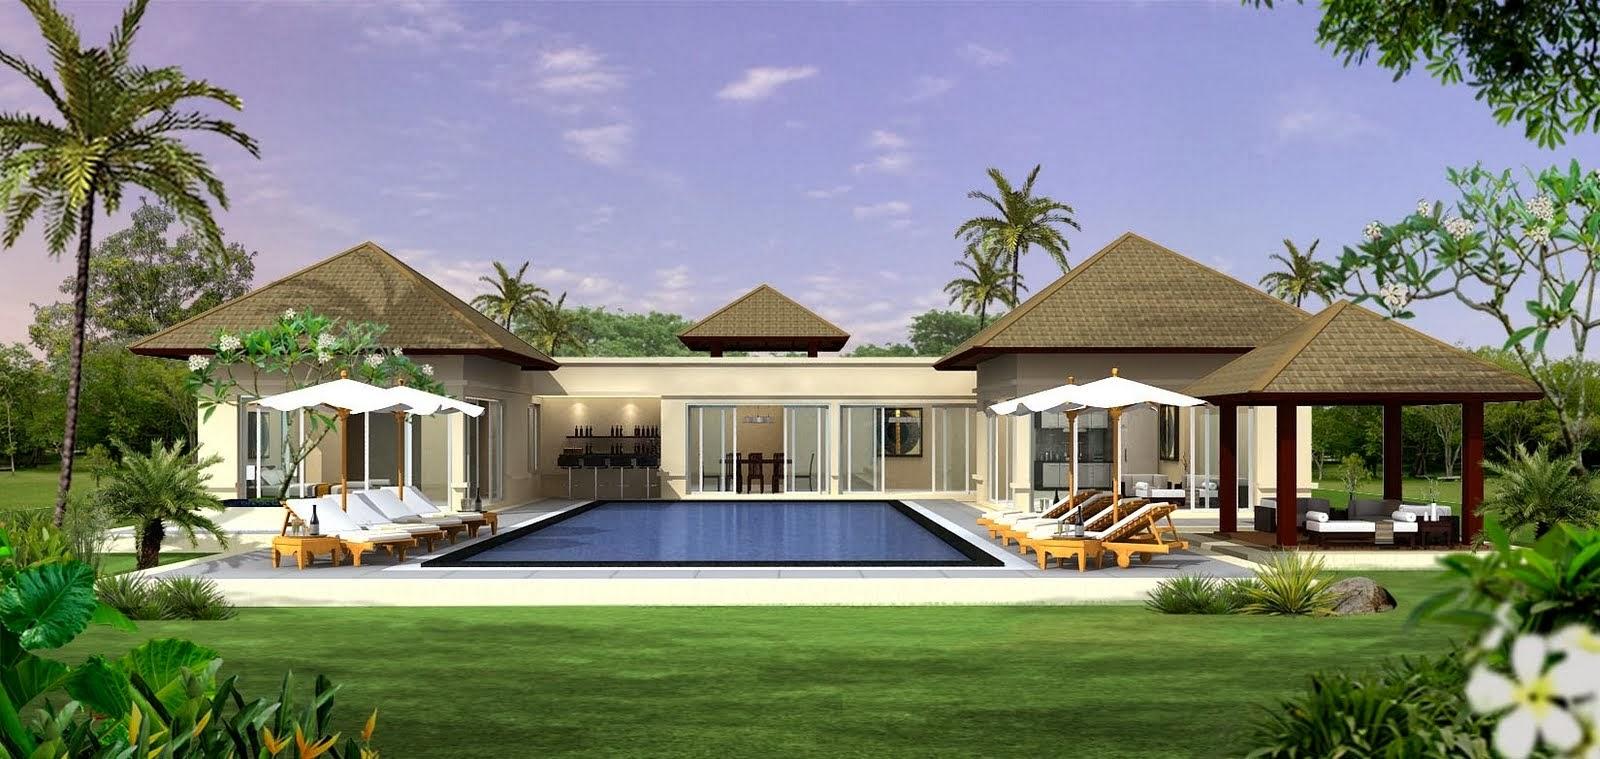 Decoraci n y afinidades casas modernas con piscina for Case moderne con piscina